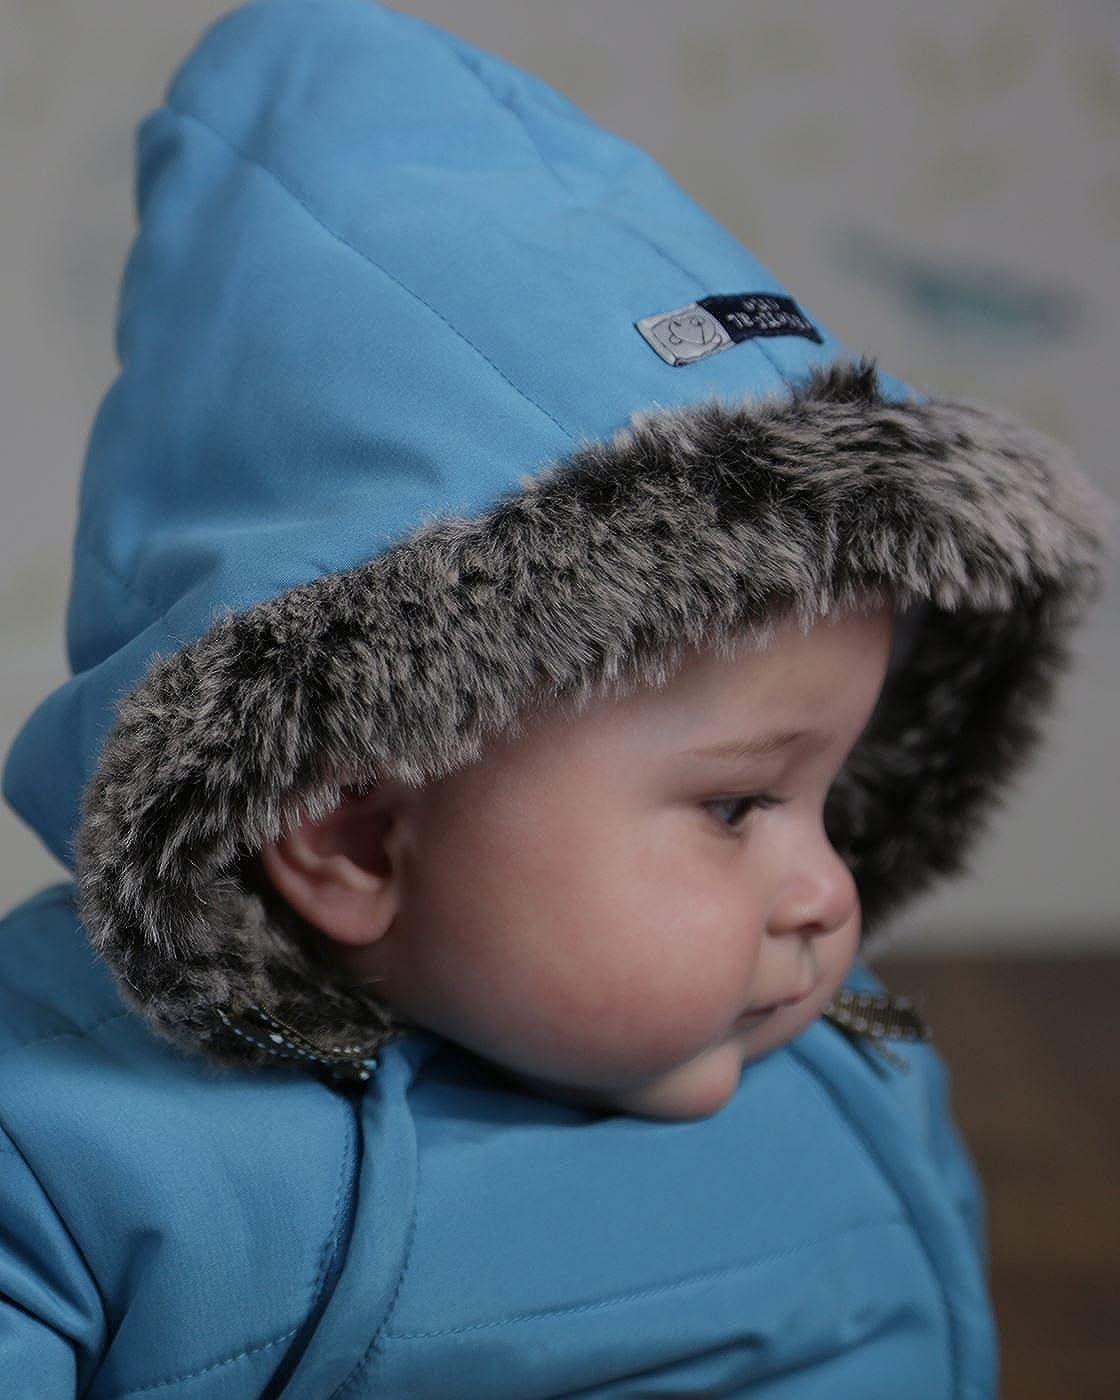 Azul Beb/é ni/ño The Essential One EO244 Traje de Esquiar de Nieve